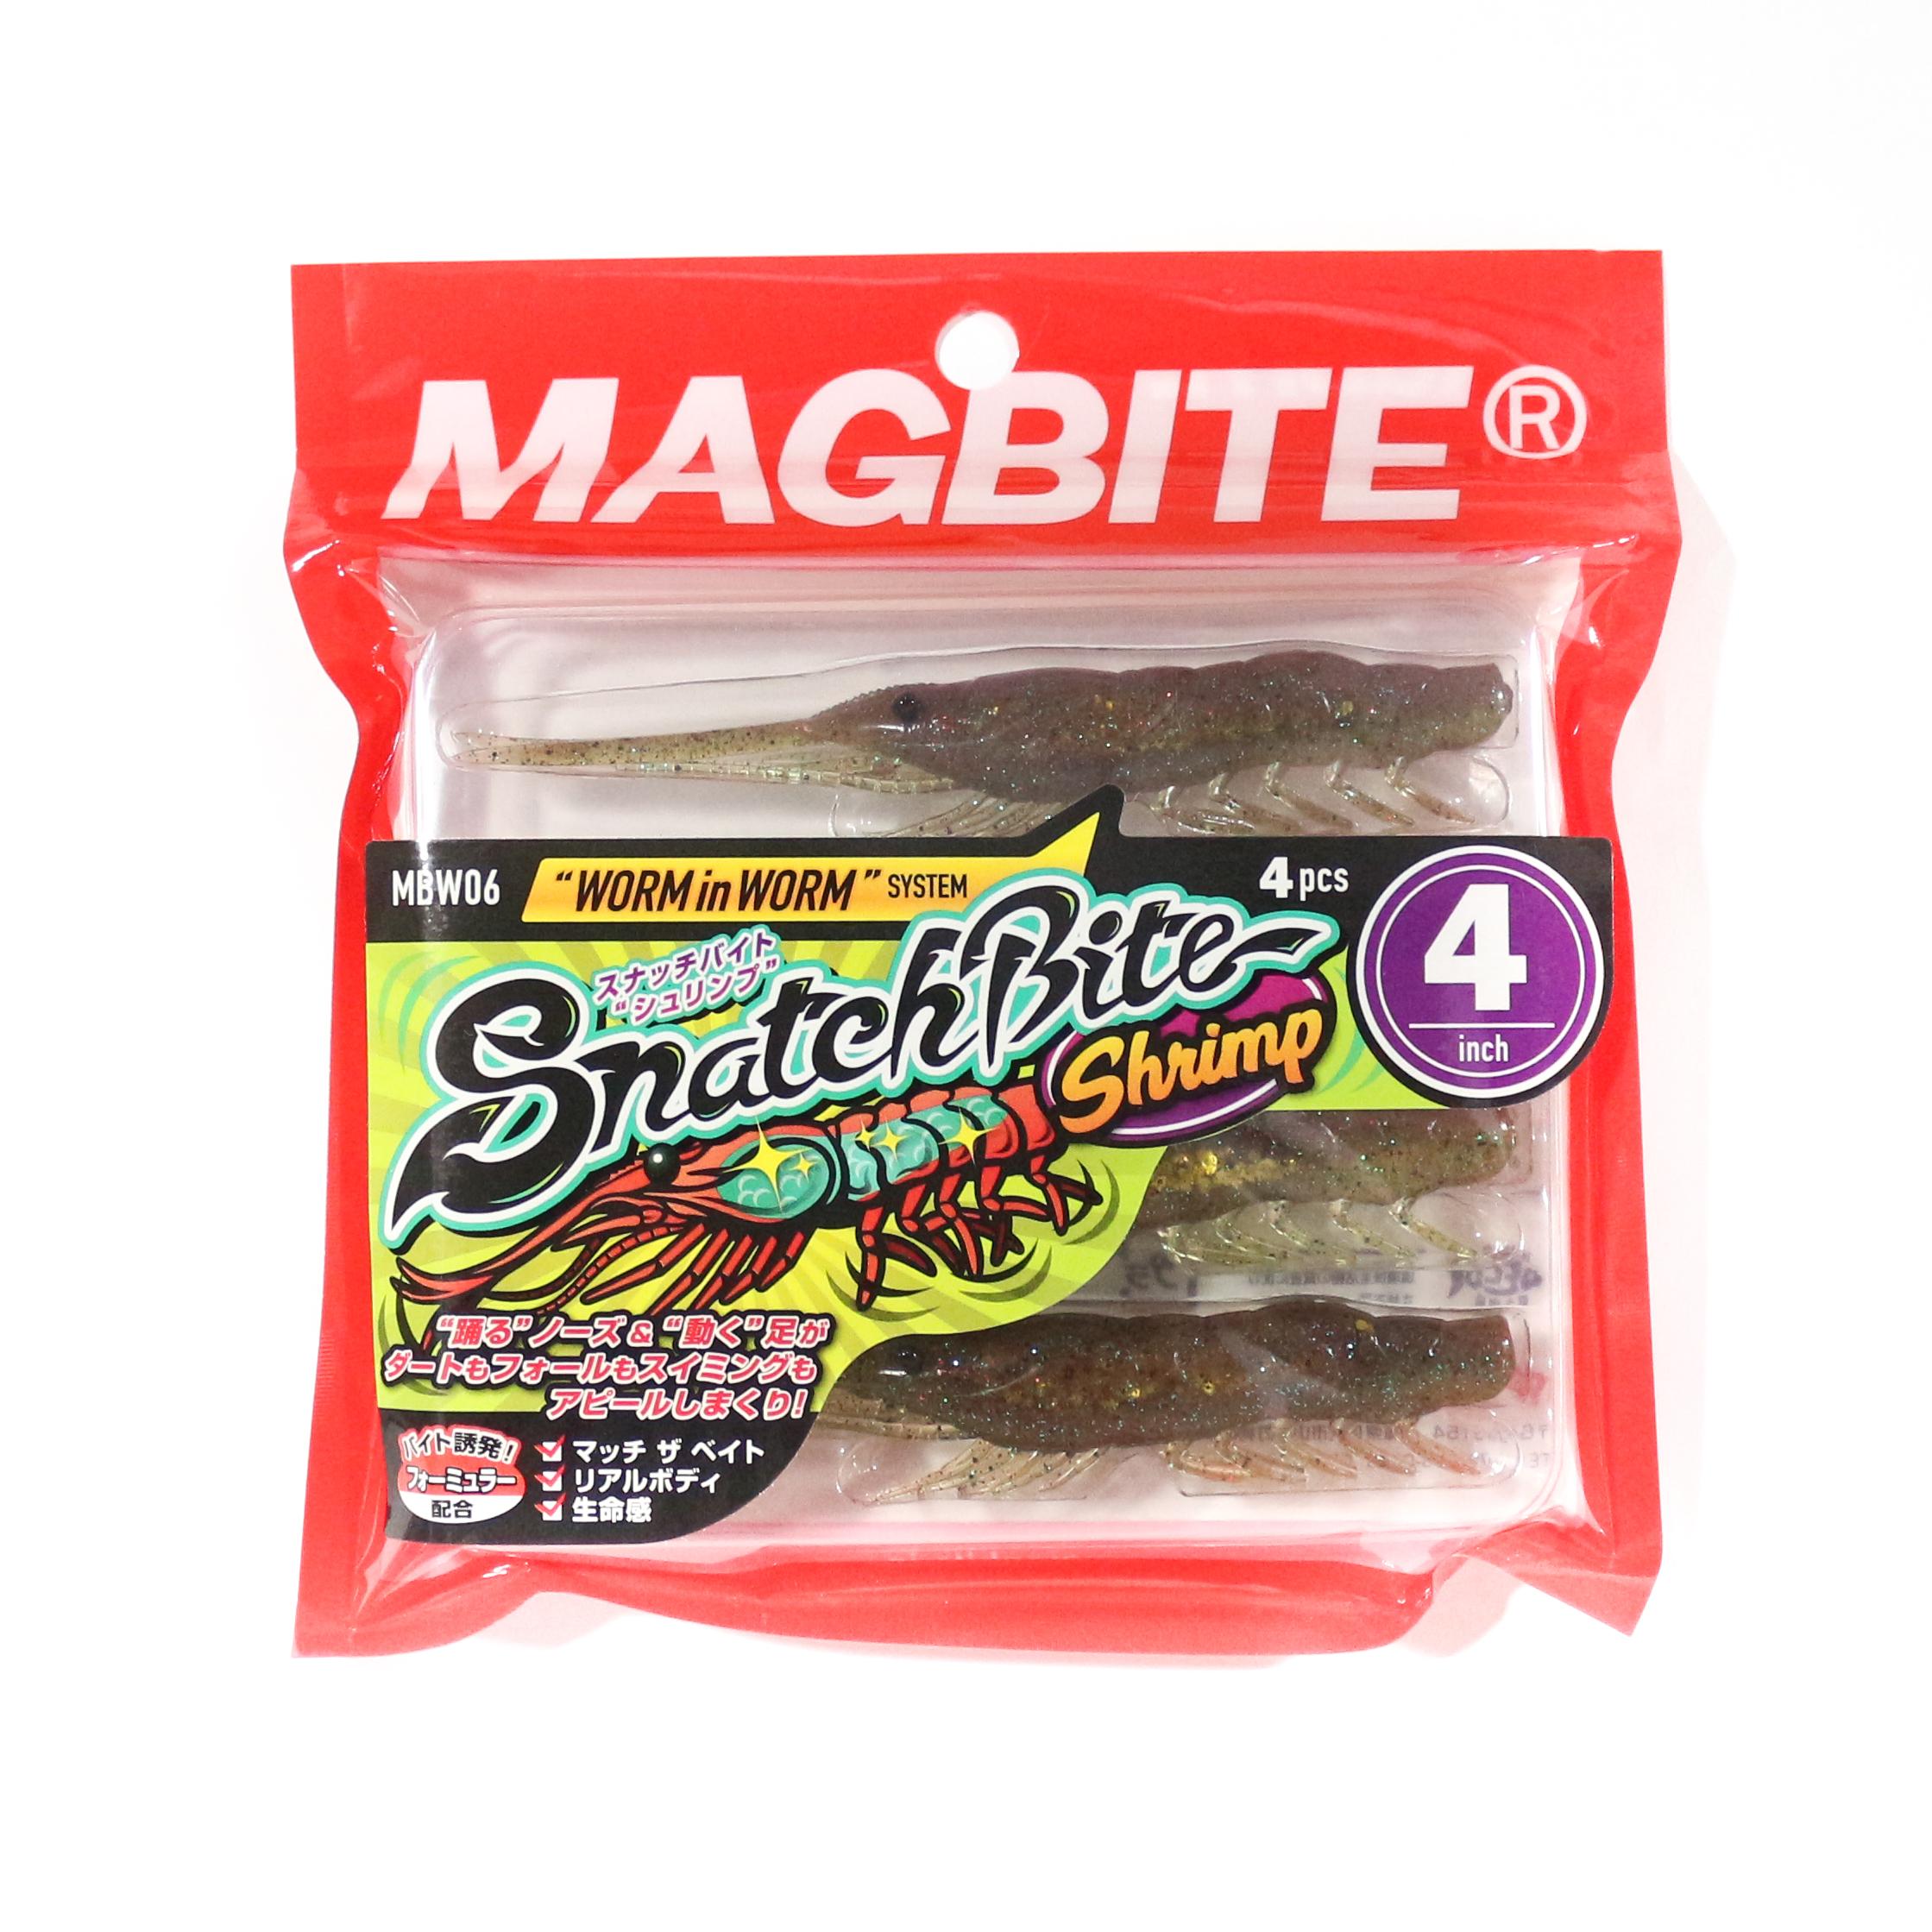 Harimitsu Mag Bite Snatch Shrimp 4 Inch 4 per pack 06 (5112)